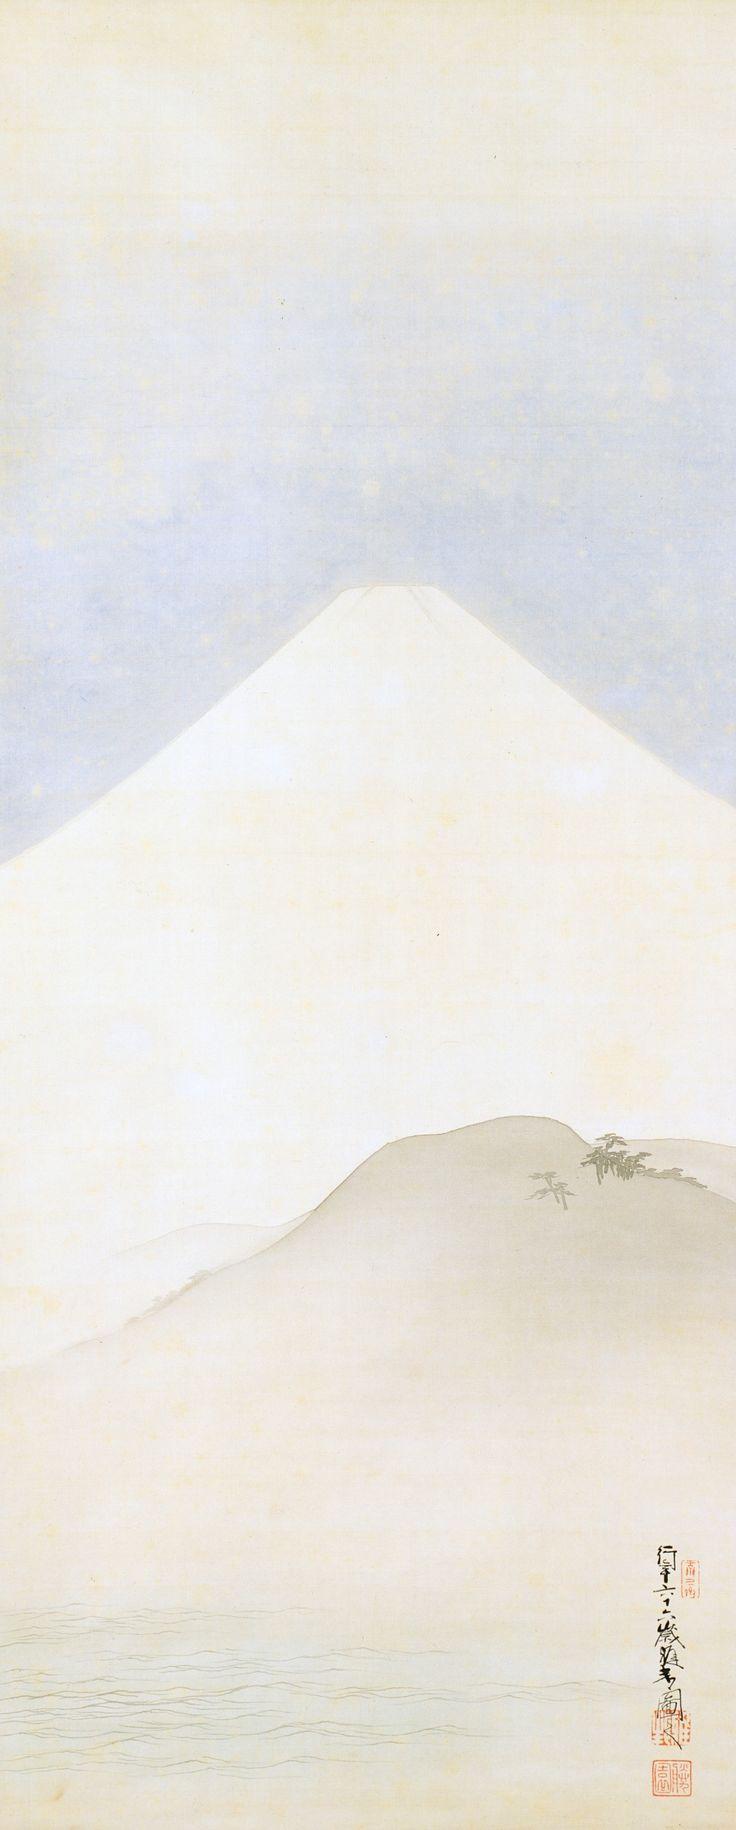 Mount Fuji, 1903 - Hashimoto Gaho (1835-1908)